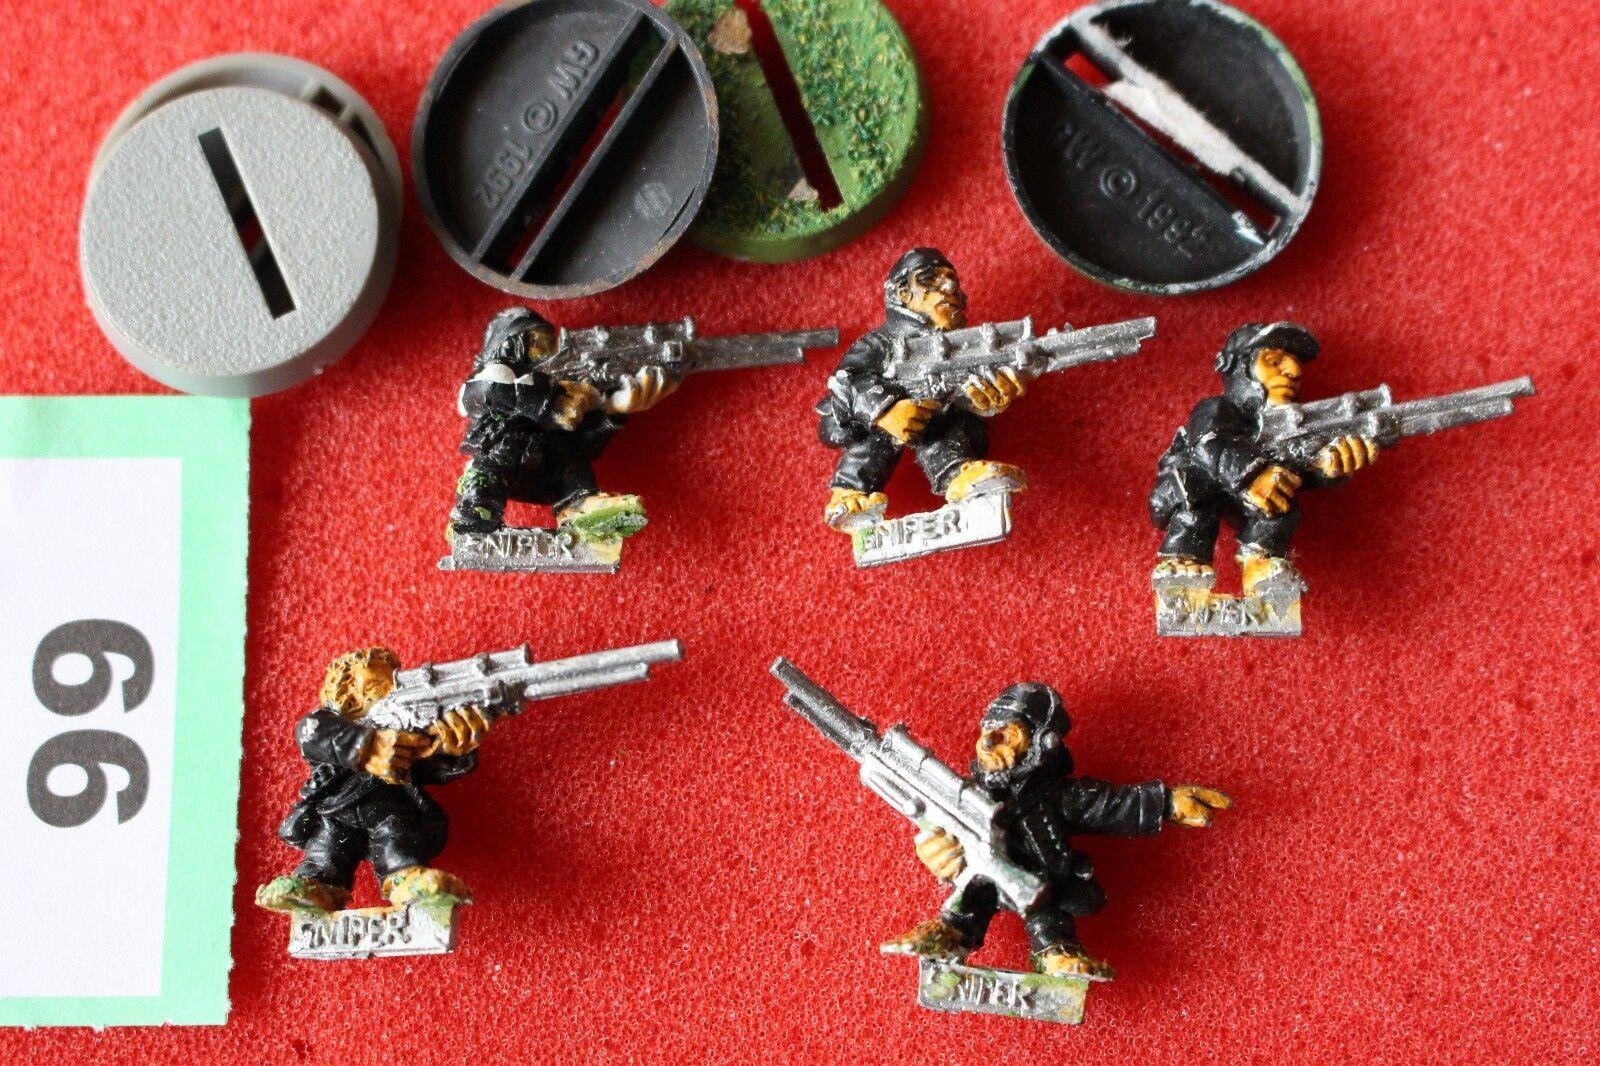 Games Workshop Warhammer 40k Imperial Guards Ratlings Snipers Squad x5 Metal OOP